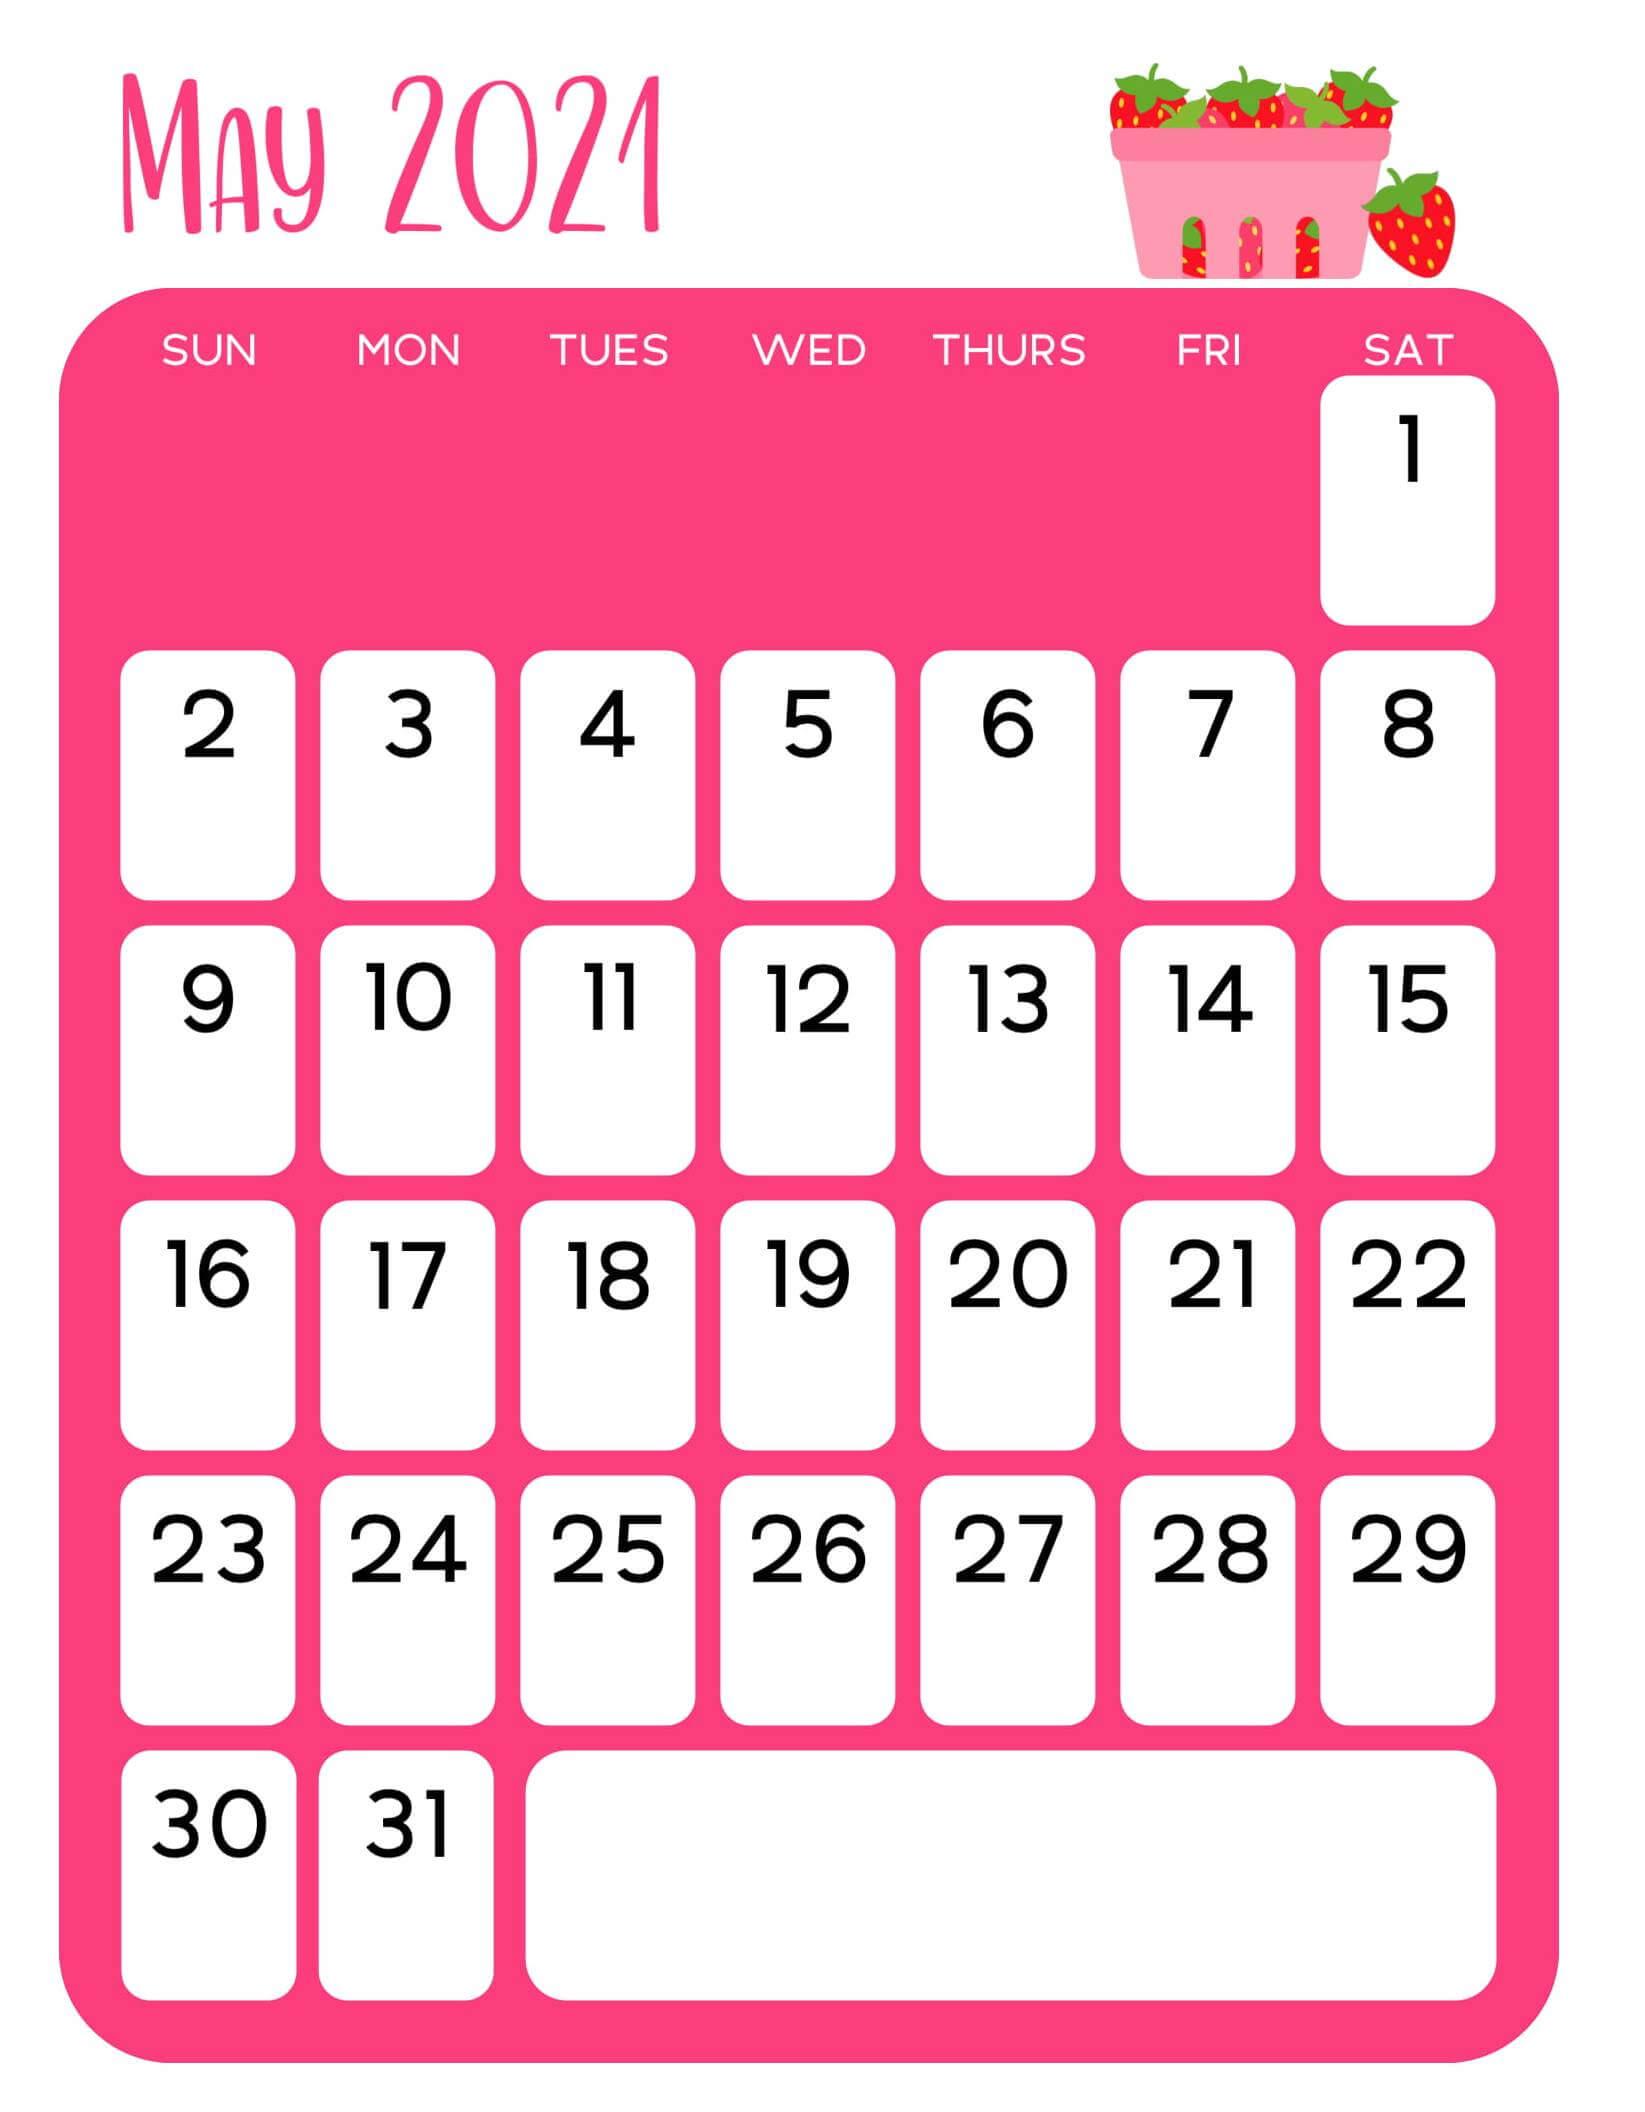 Floral May 2021 Wall Calendar